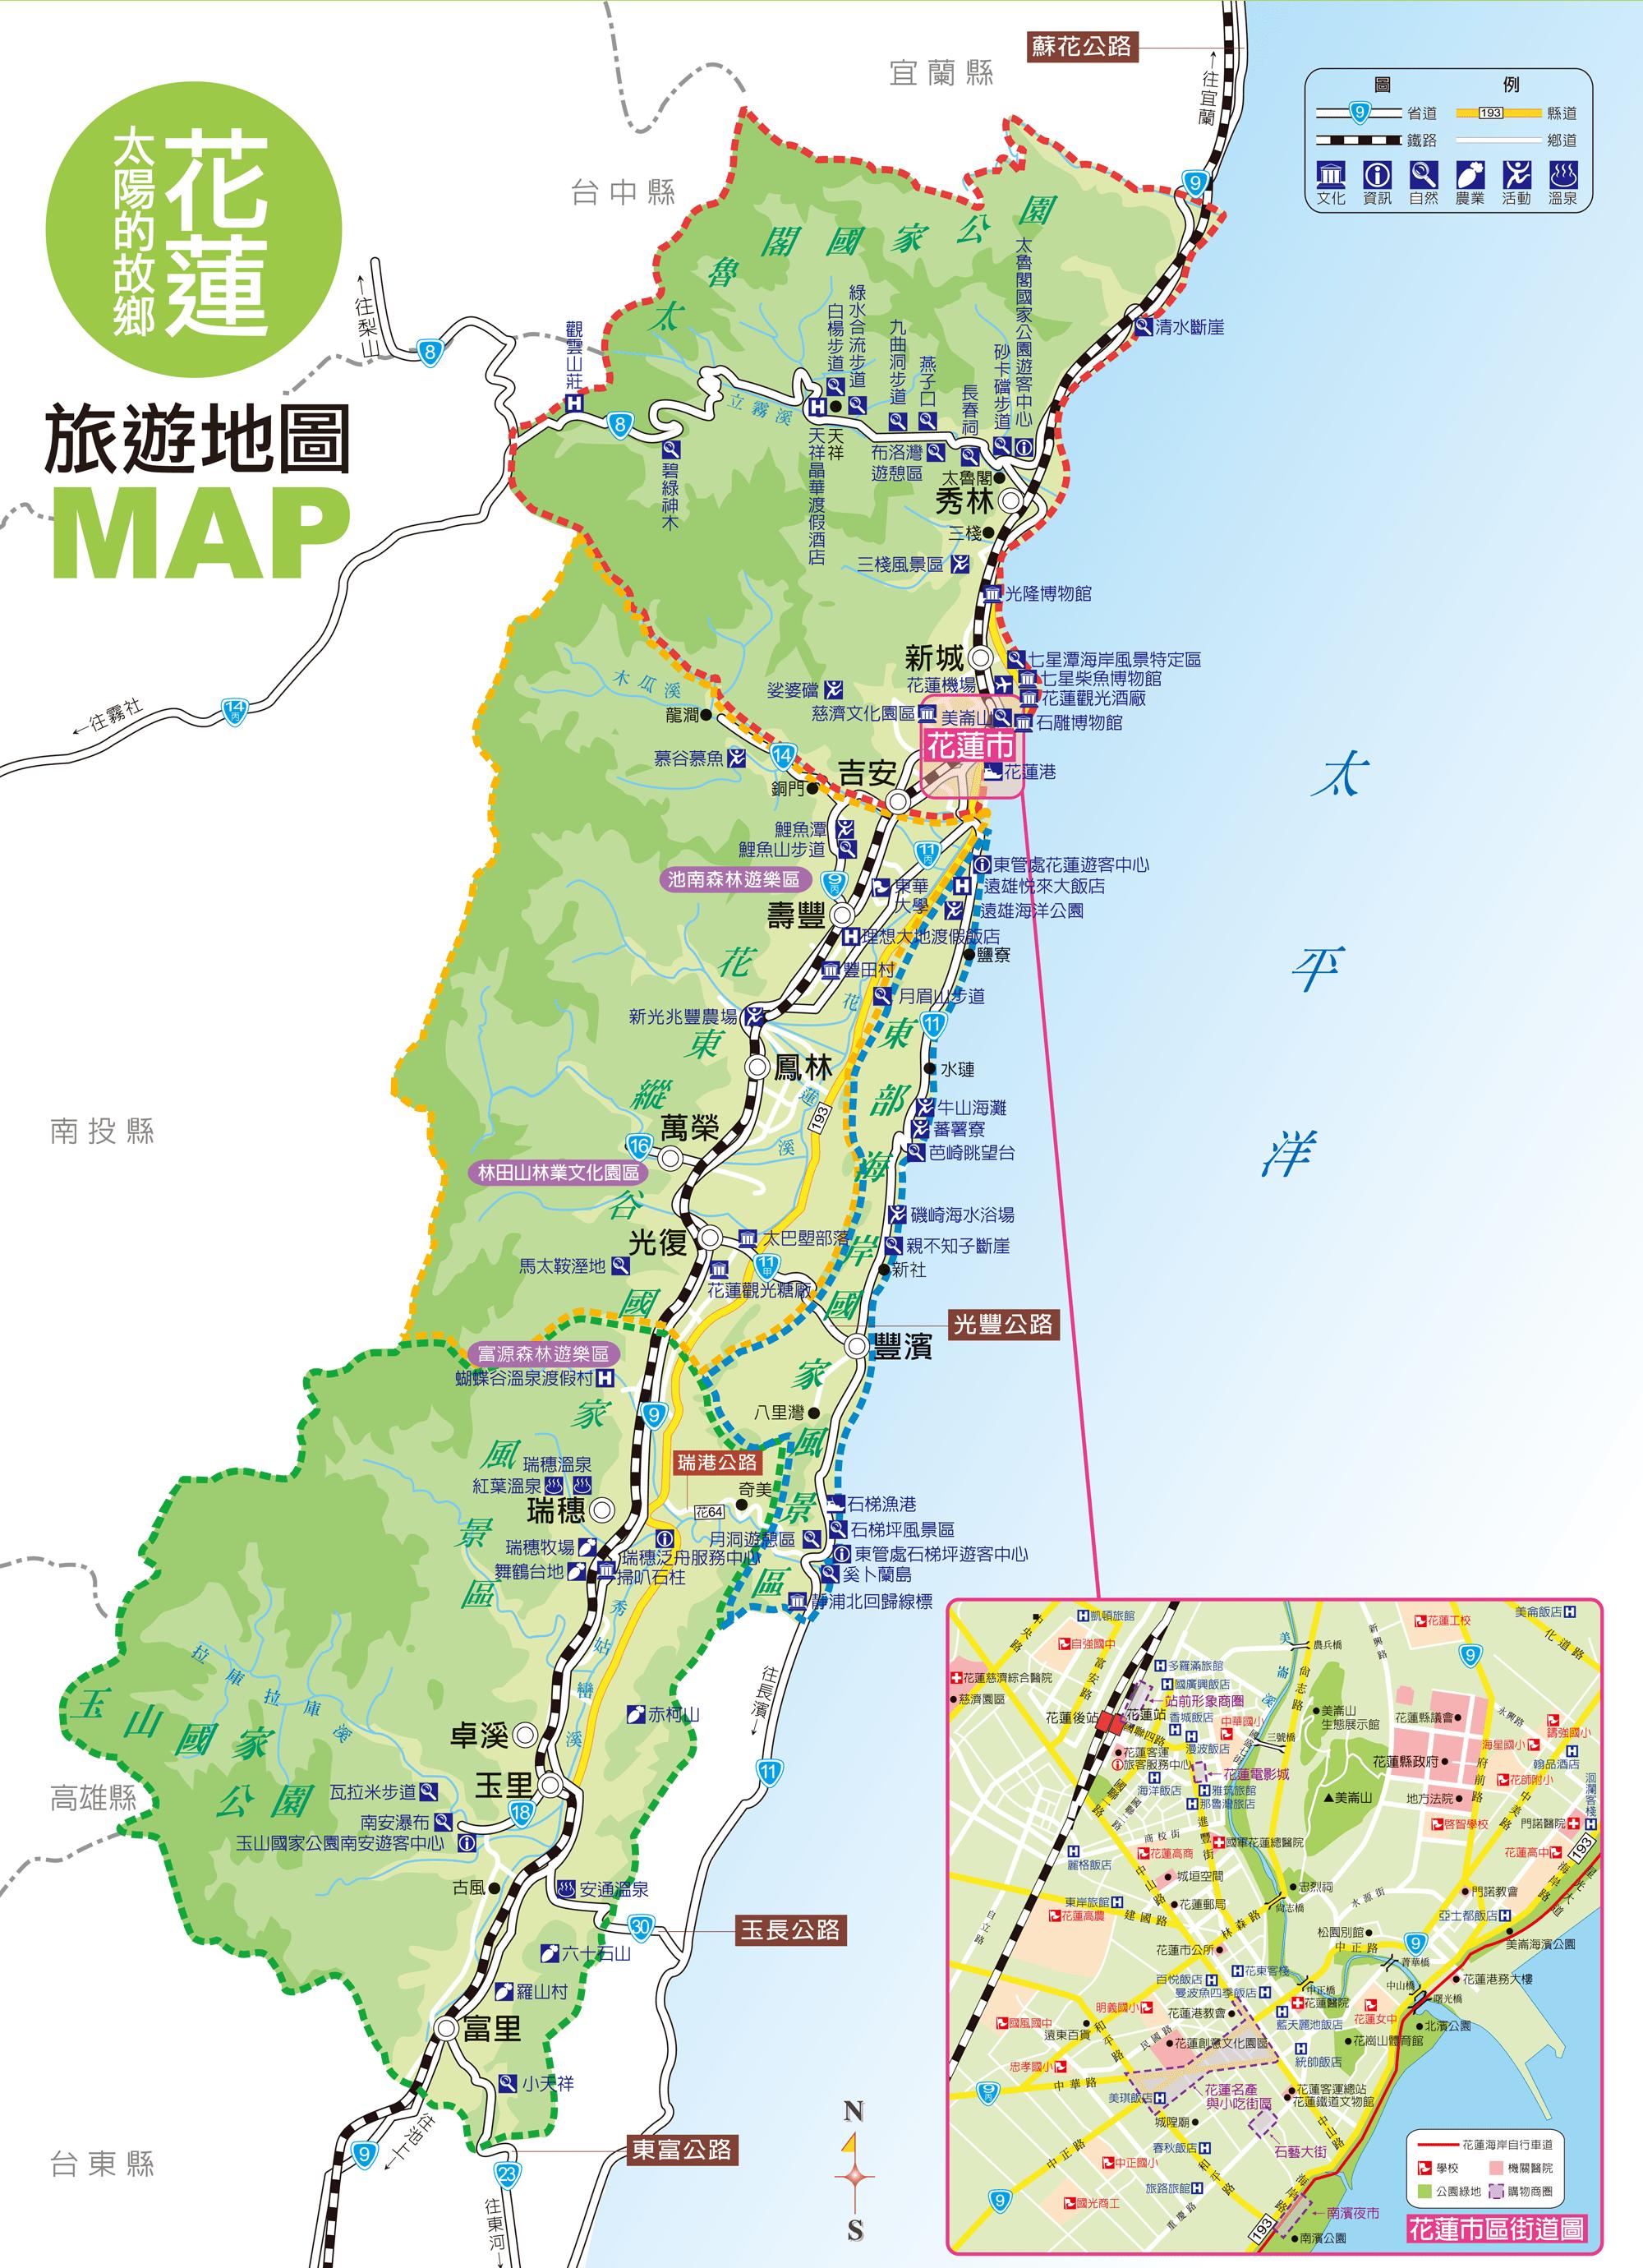 花蓮地圖-花蓮旅遊景點地圖map導覽查詢